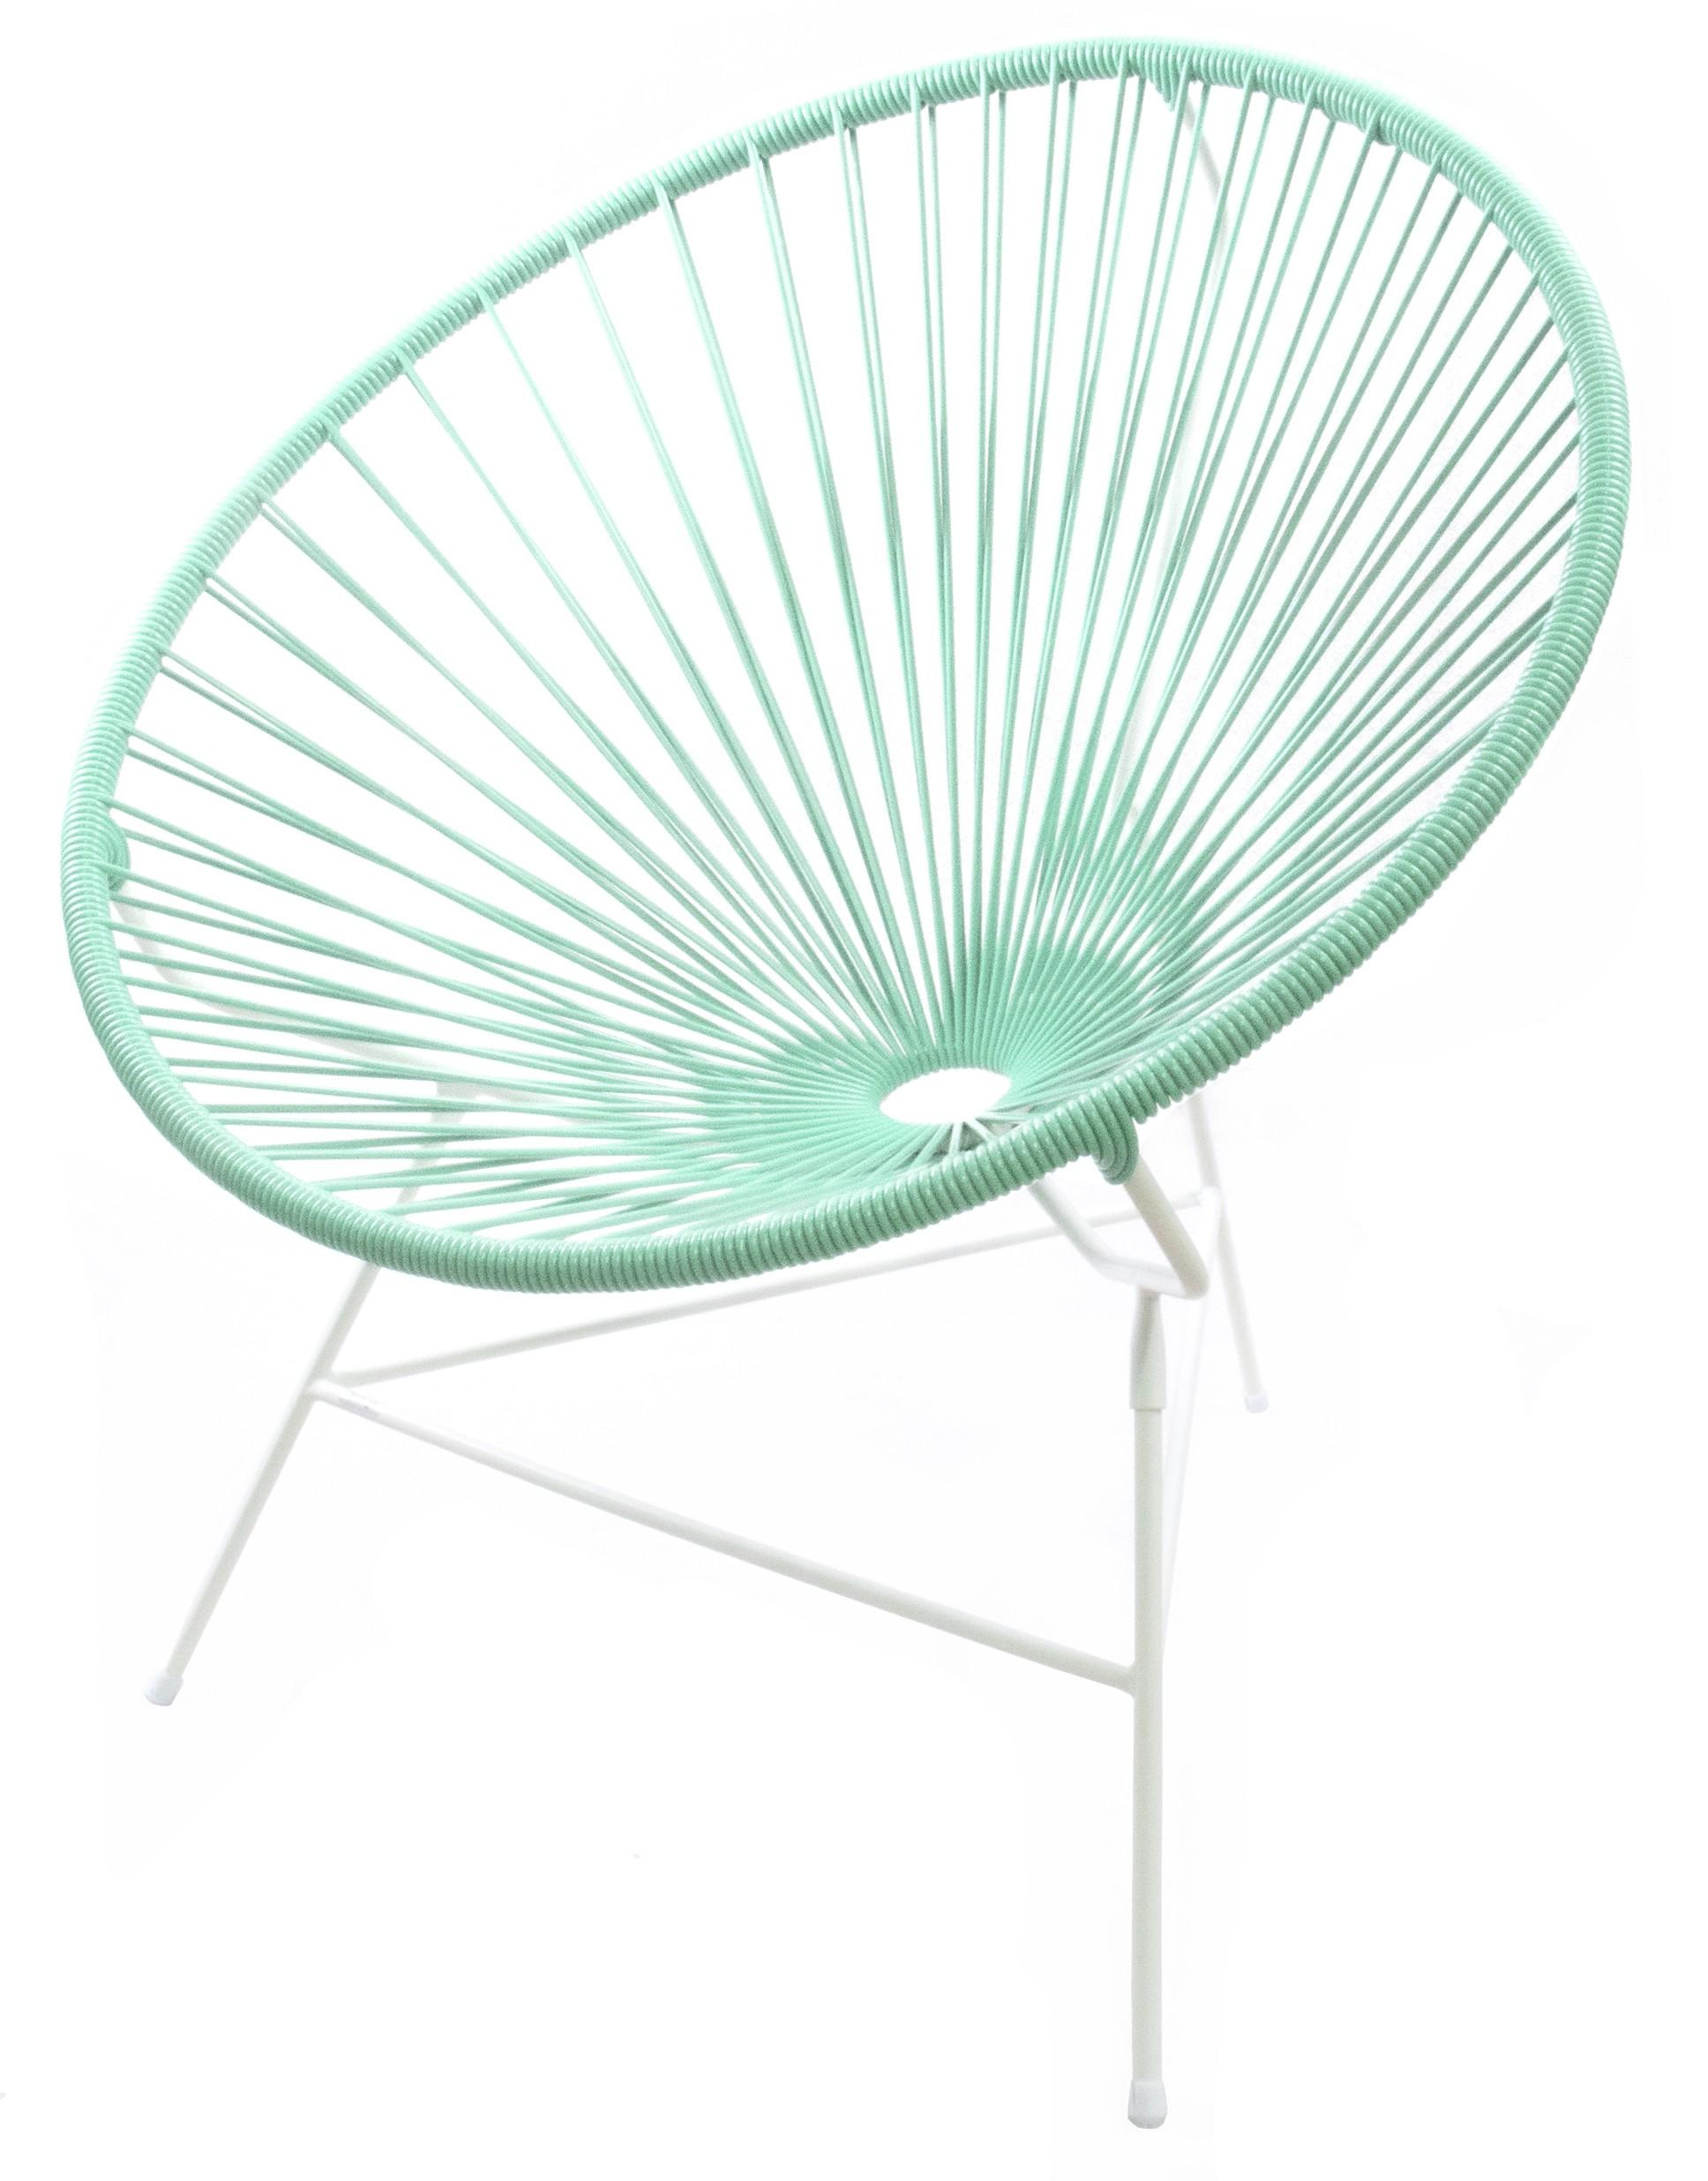 fauteuil huatulco de boqa avec structure blanche vert d 39 eau. Black Bedroom Furniture Sets. Home Design Ideas